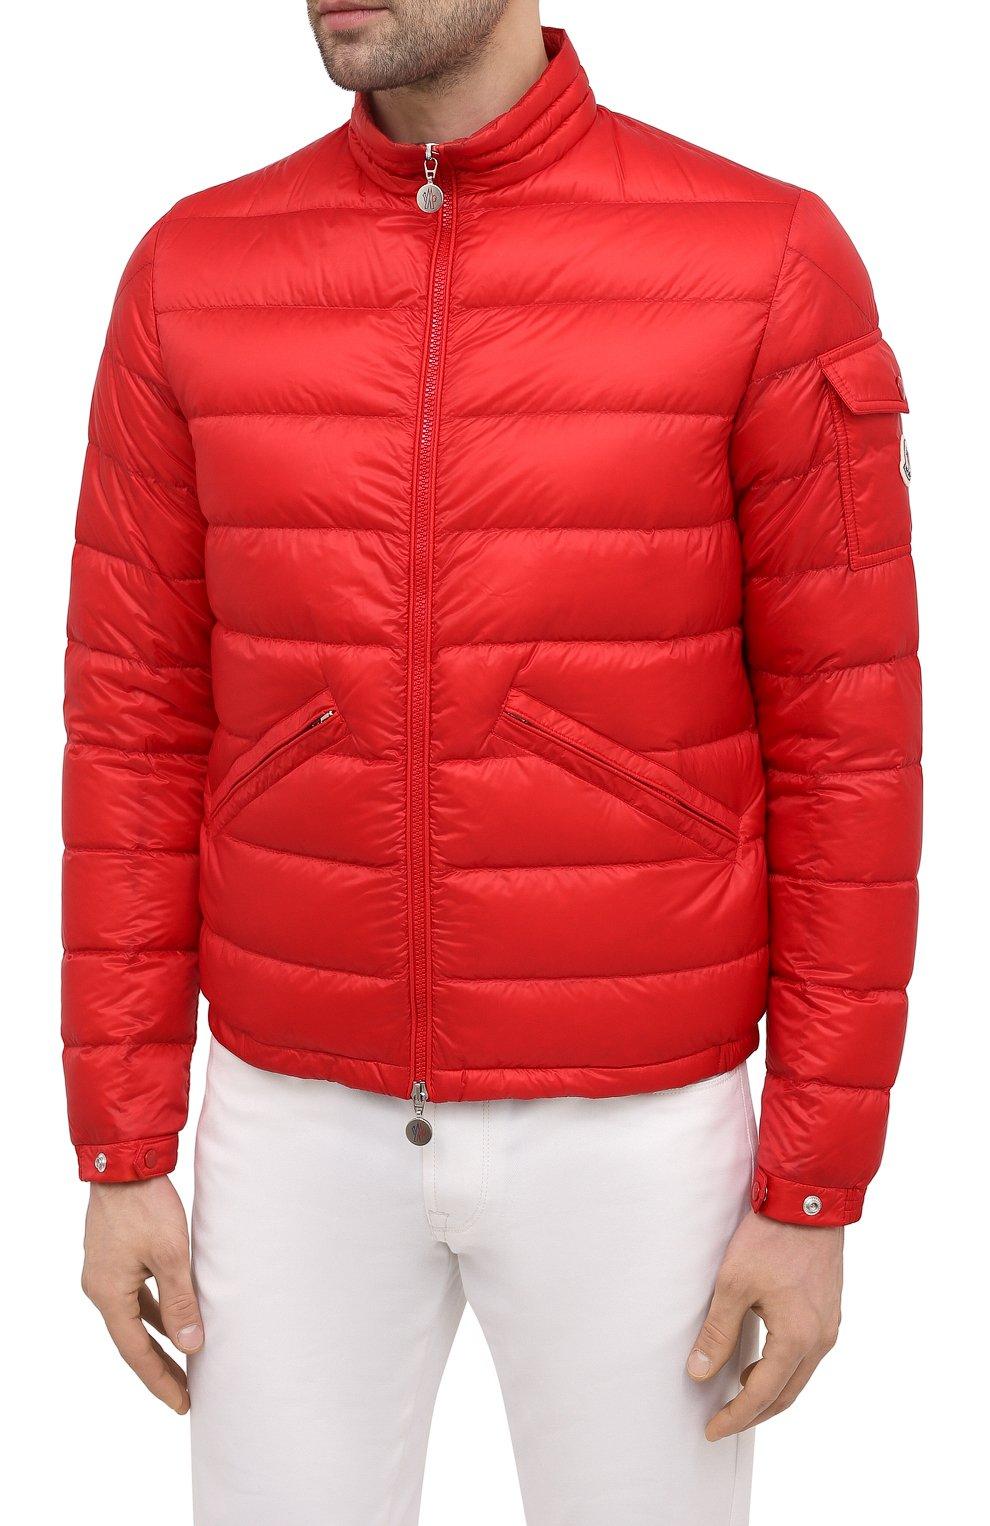 Мужская пуховая куртка agay MONCLER красного цвета, арт. G1-091-1A110-00-53279   Фото 3 (Кросс-КТ: Куртка; Мужское Кросс-КТ: пуховик-короткий; Рукава: Длинные; Материал внешний: Синтетический материал; Материал подклада: Синтетический материал; Длина (верхняя одежда): Короткие; Стили: Кэжуэл)